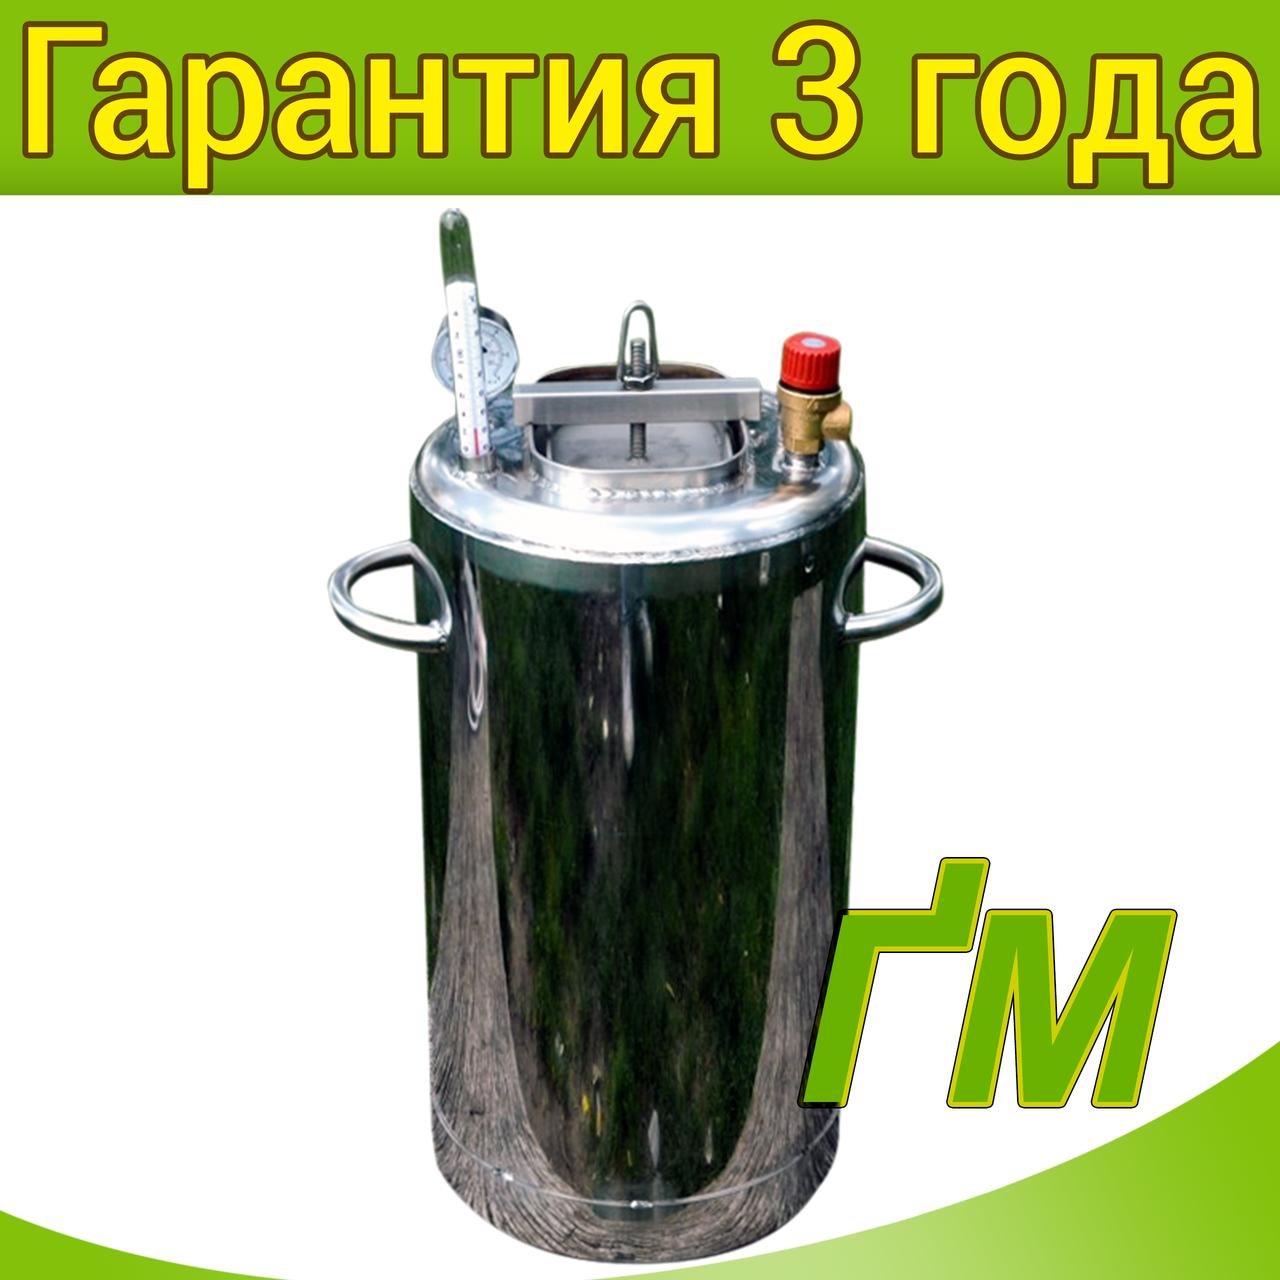 Автоклав Люкс-21 (нержавеющая сталь на 21 банку) + подарок